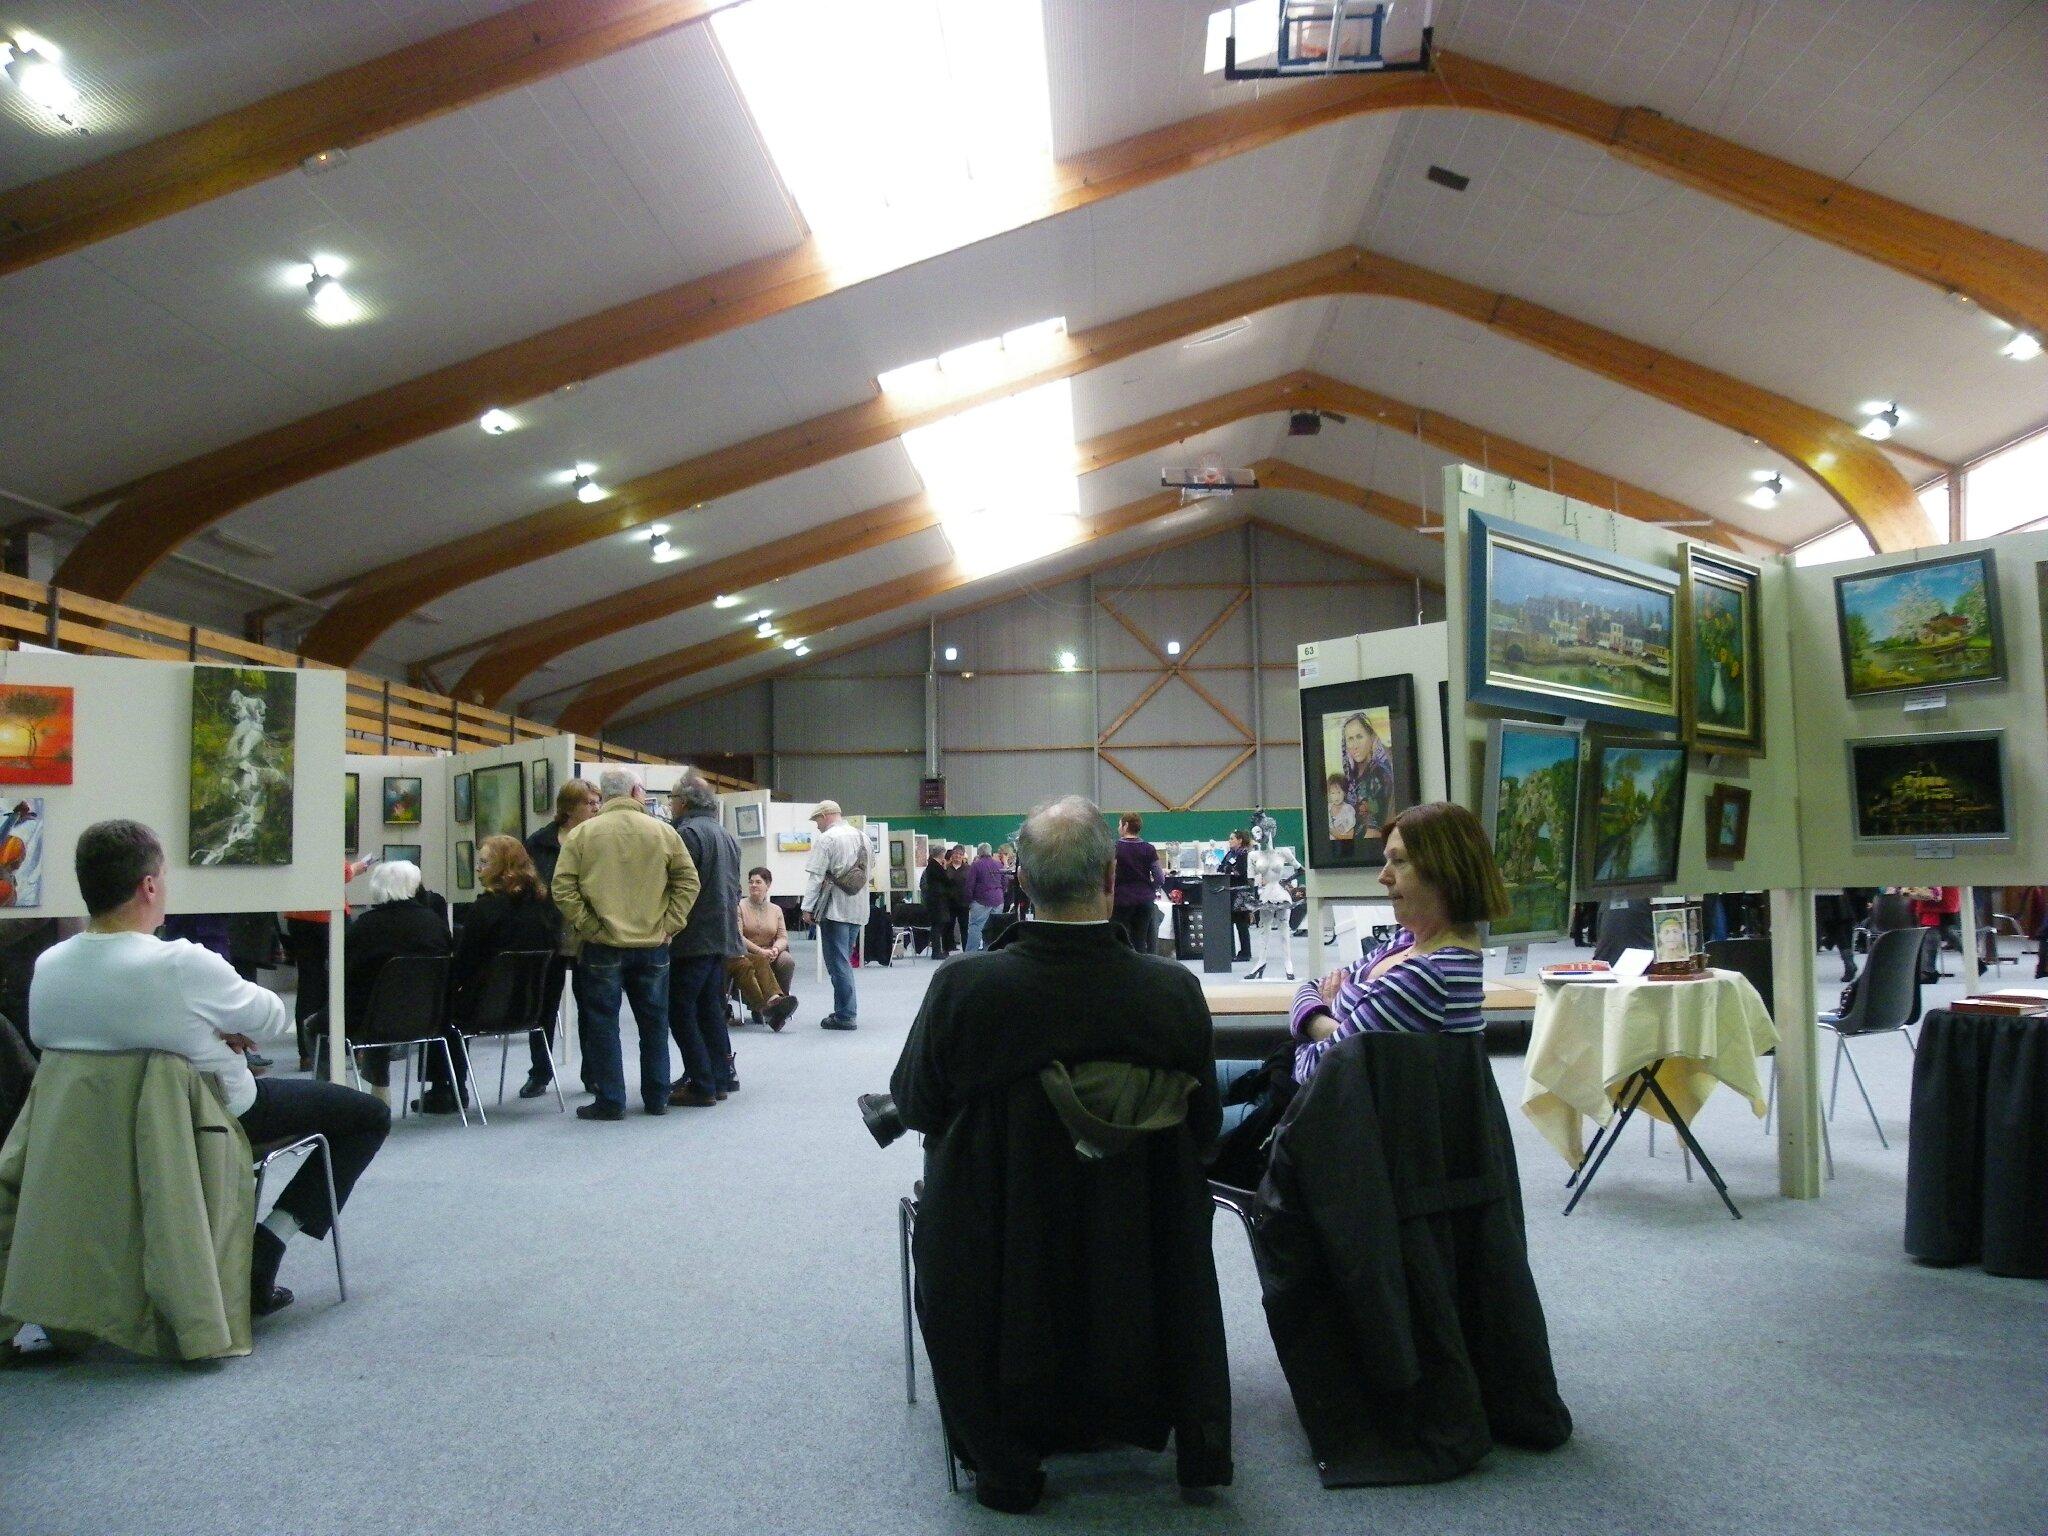 Salle Oscar - Saint-Rémy-sur-Avres